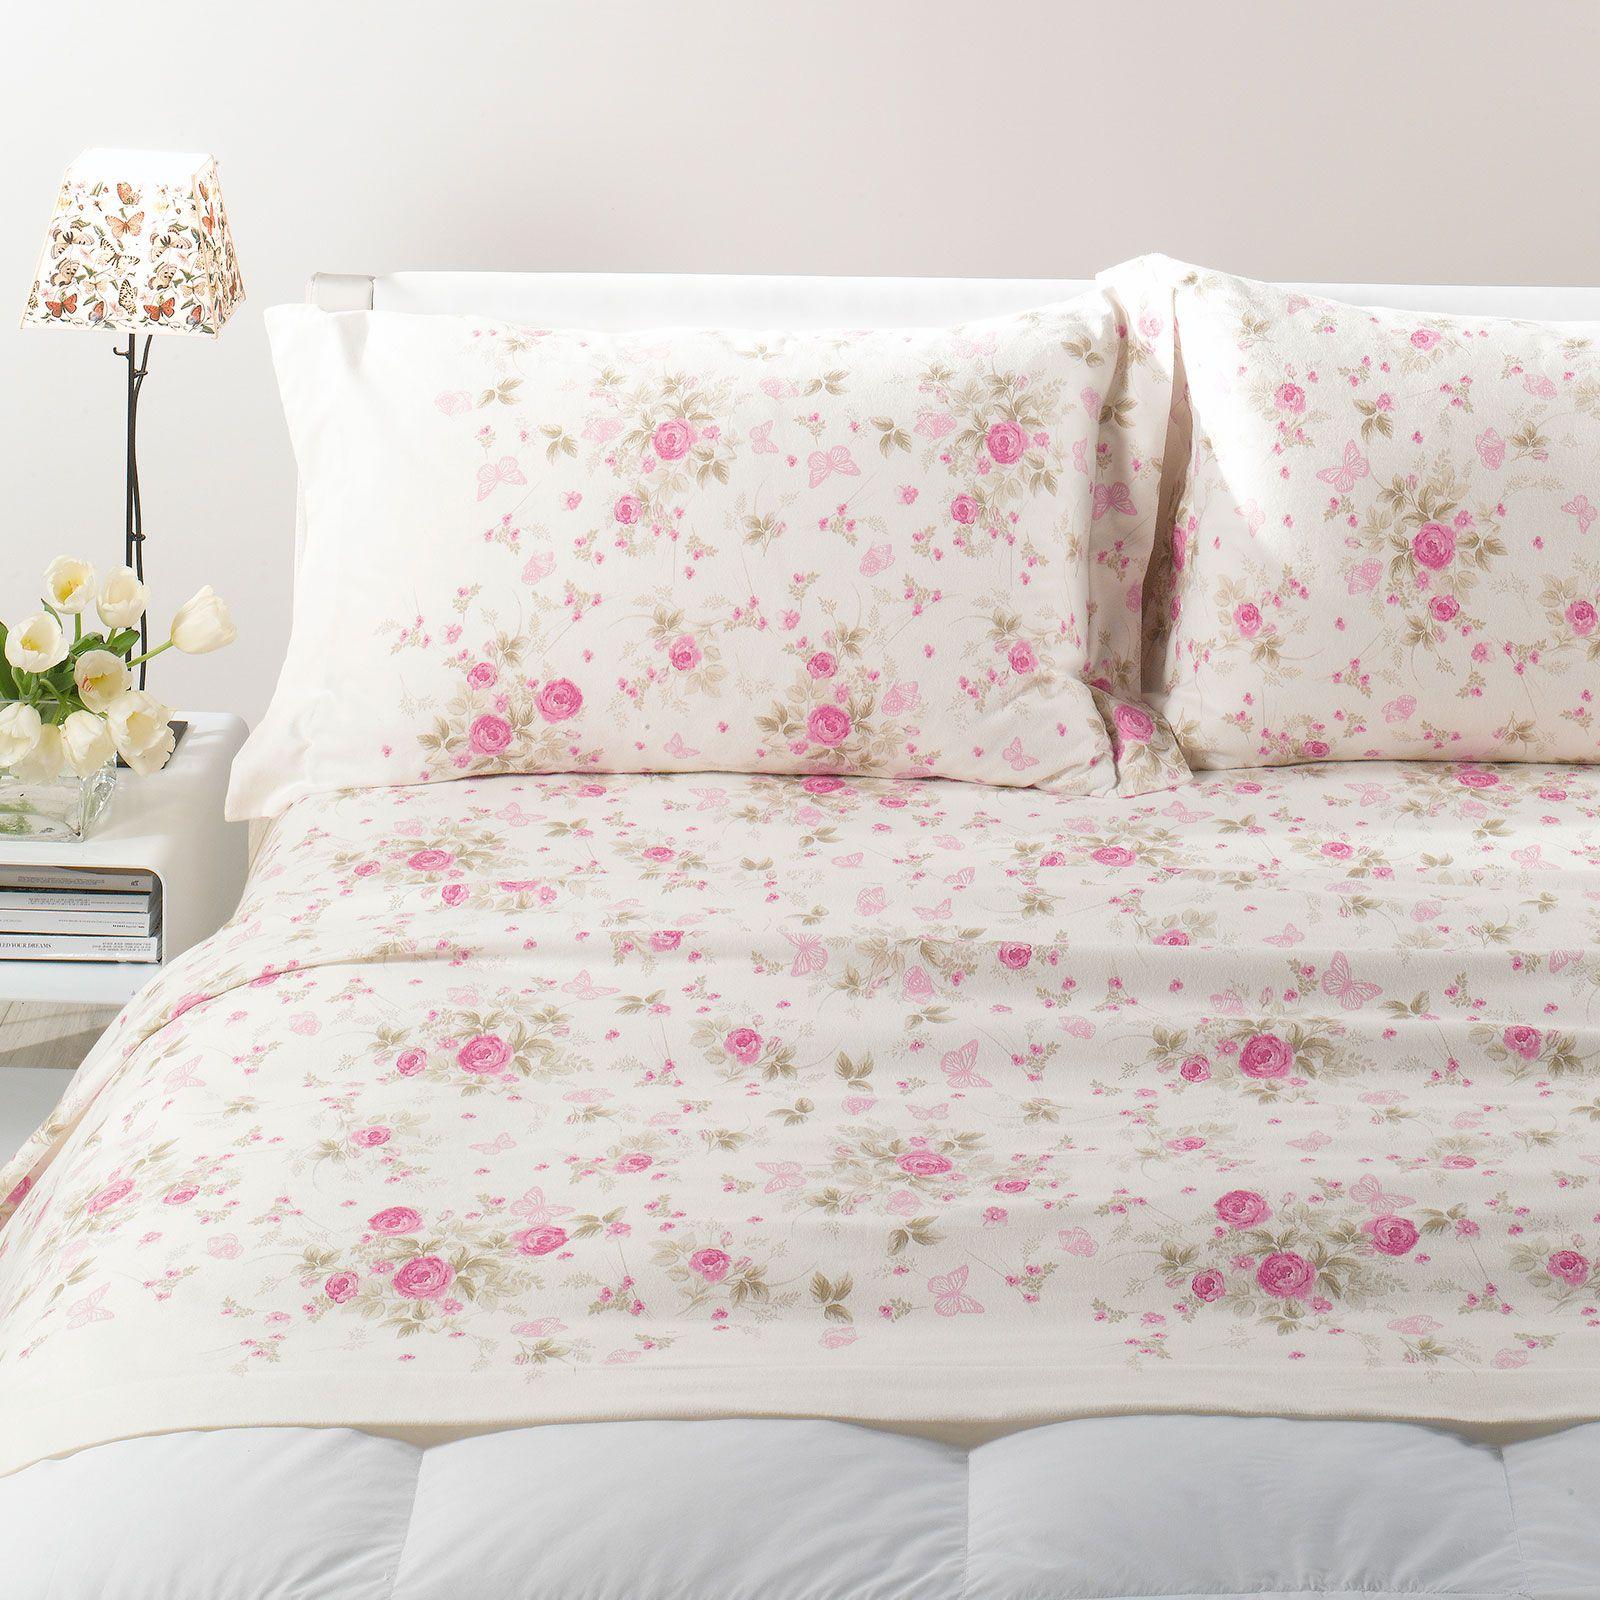 Lenzuolo flanella fiori matrimoniale caleffi casseri biancheria - Misure standard lenzuola letto matrimoniale ...